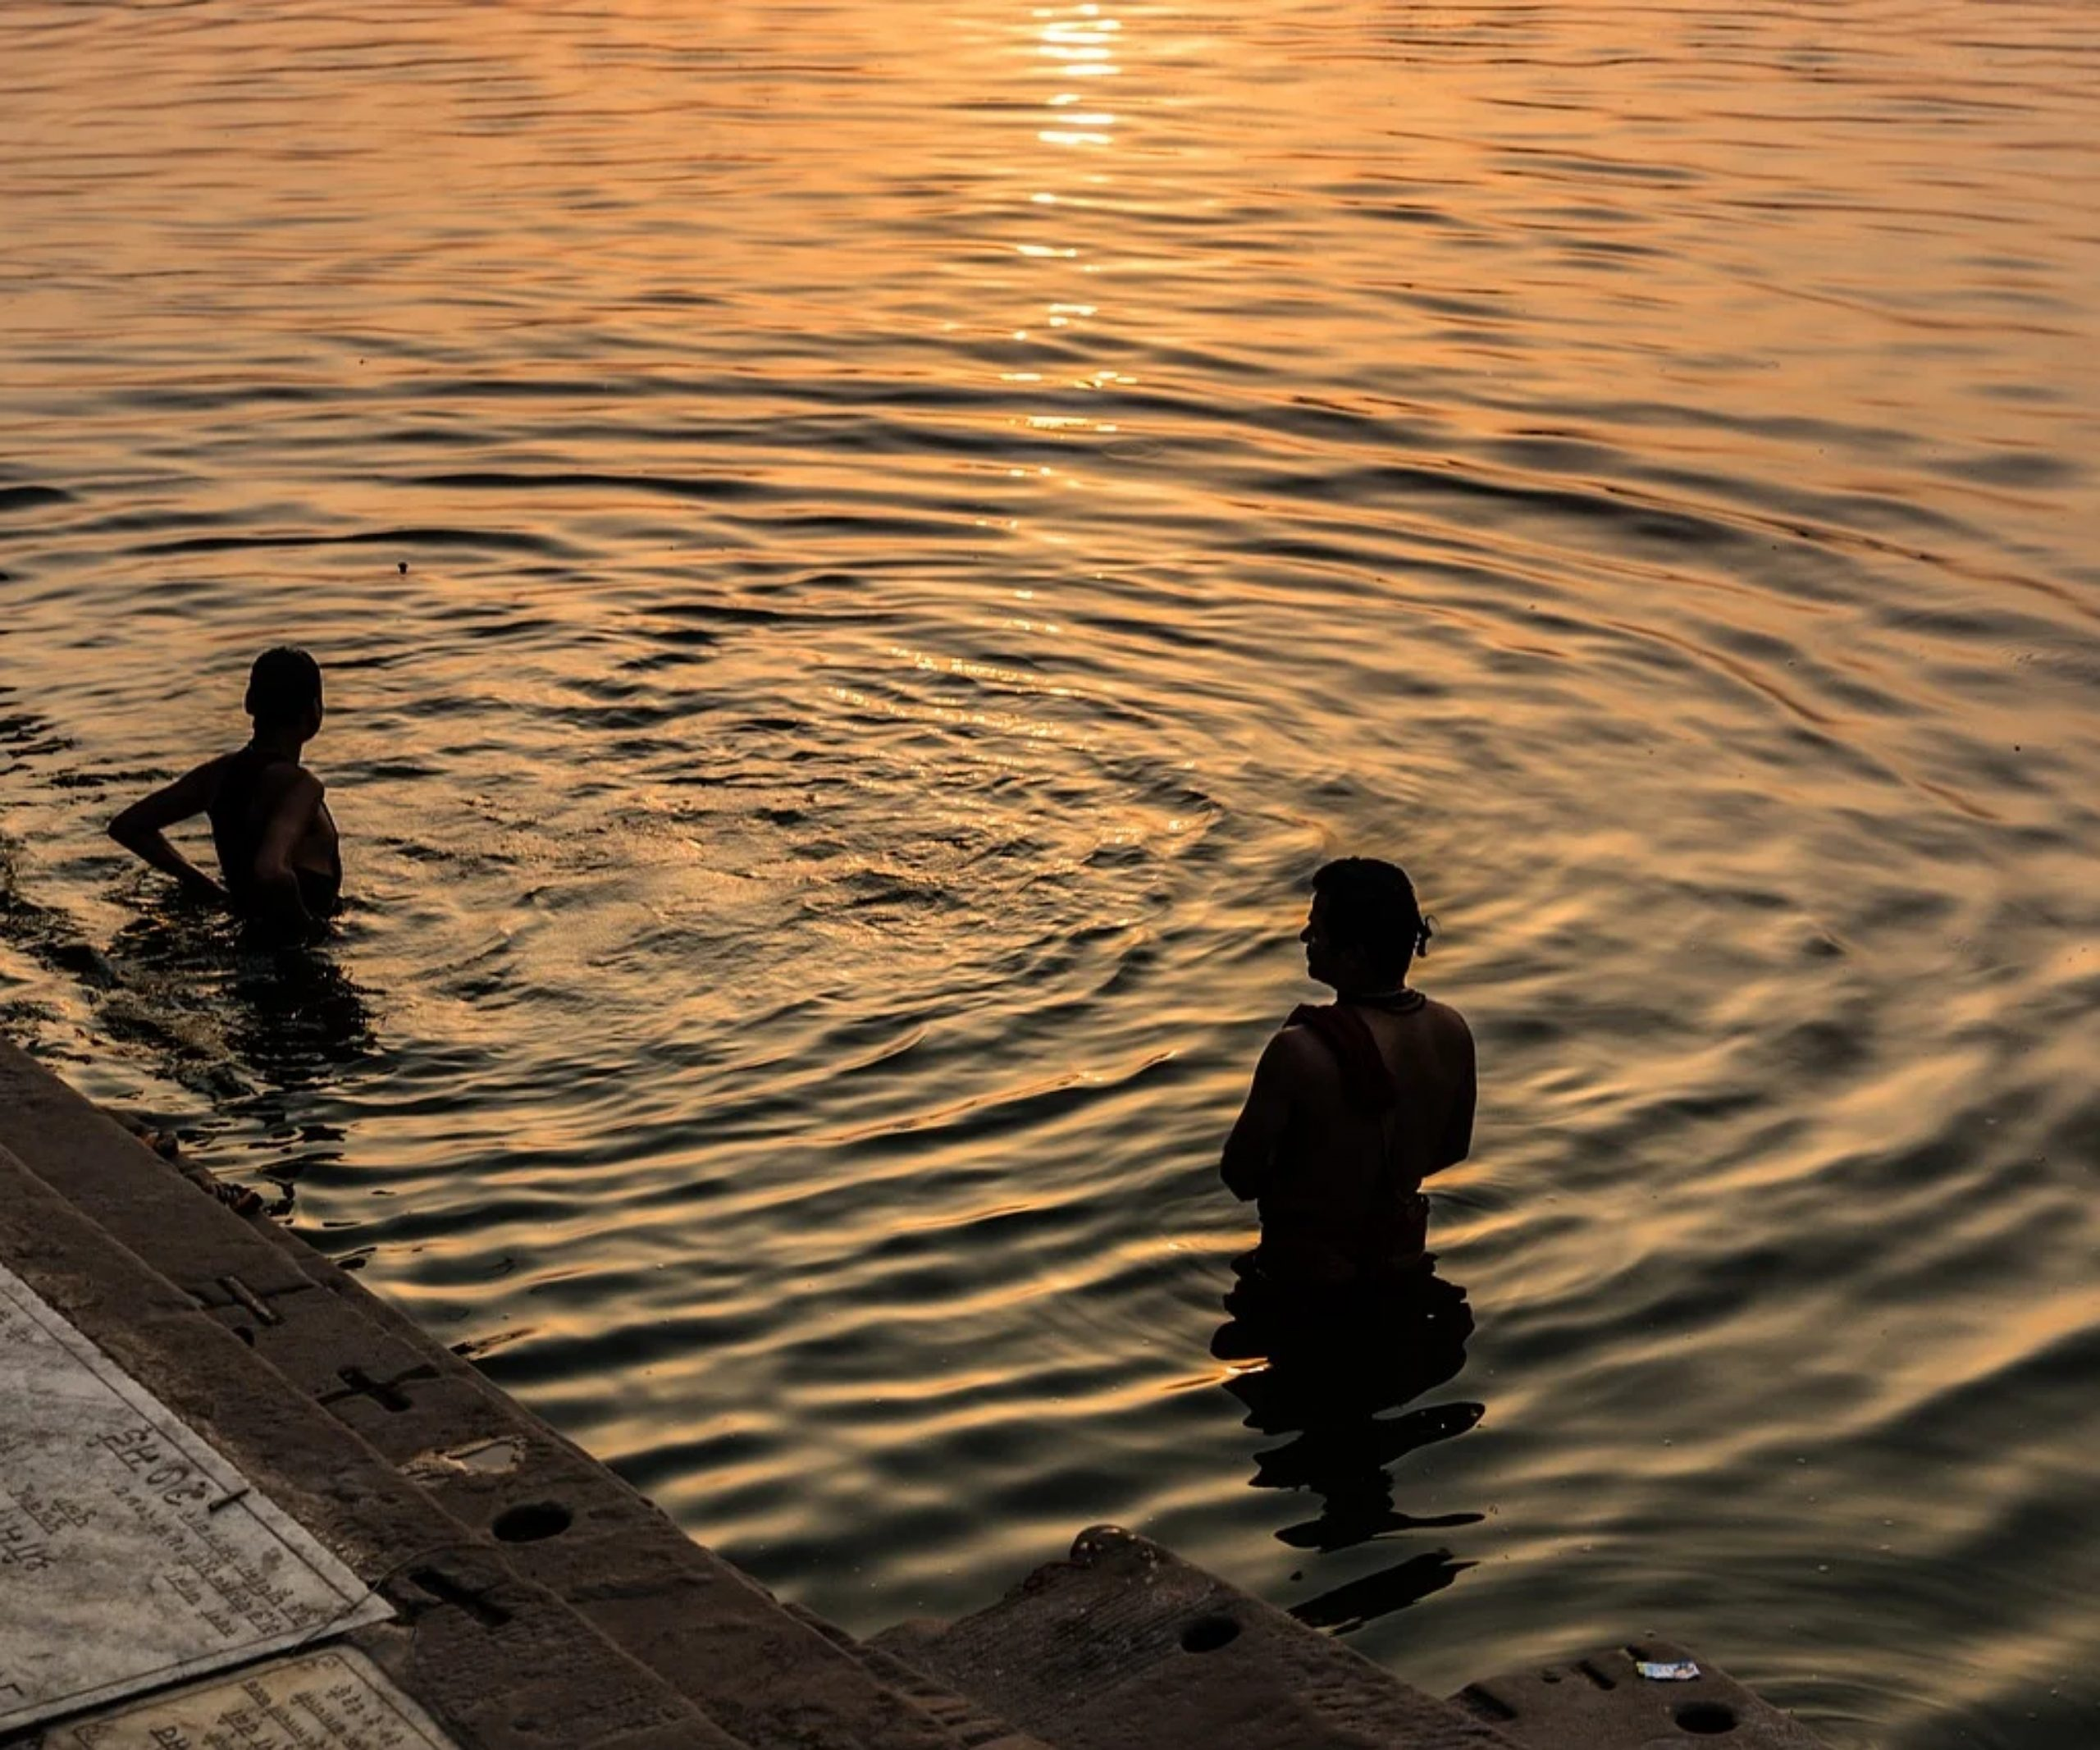 Ganga Ghat in Varanasi